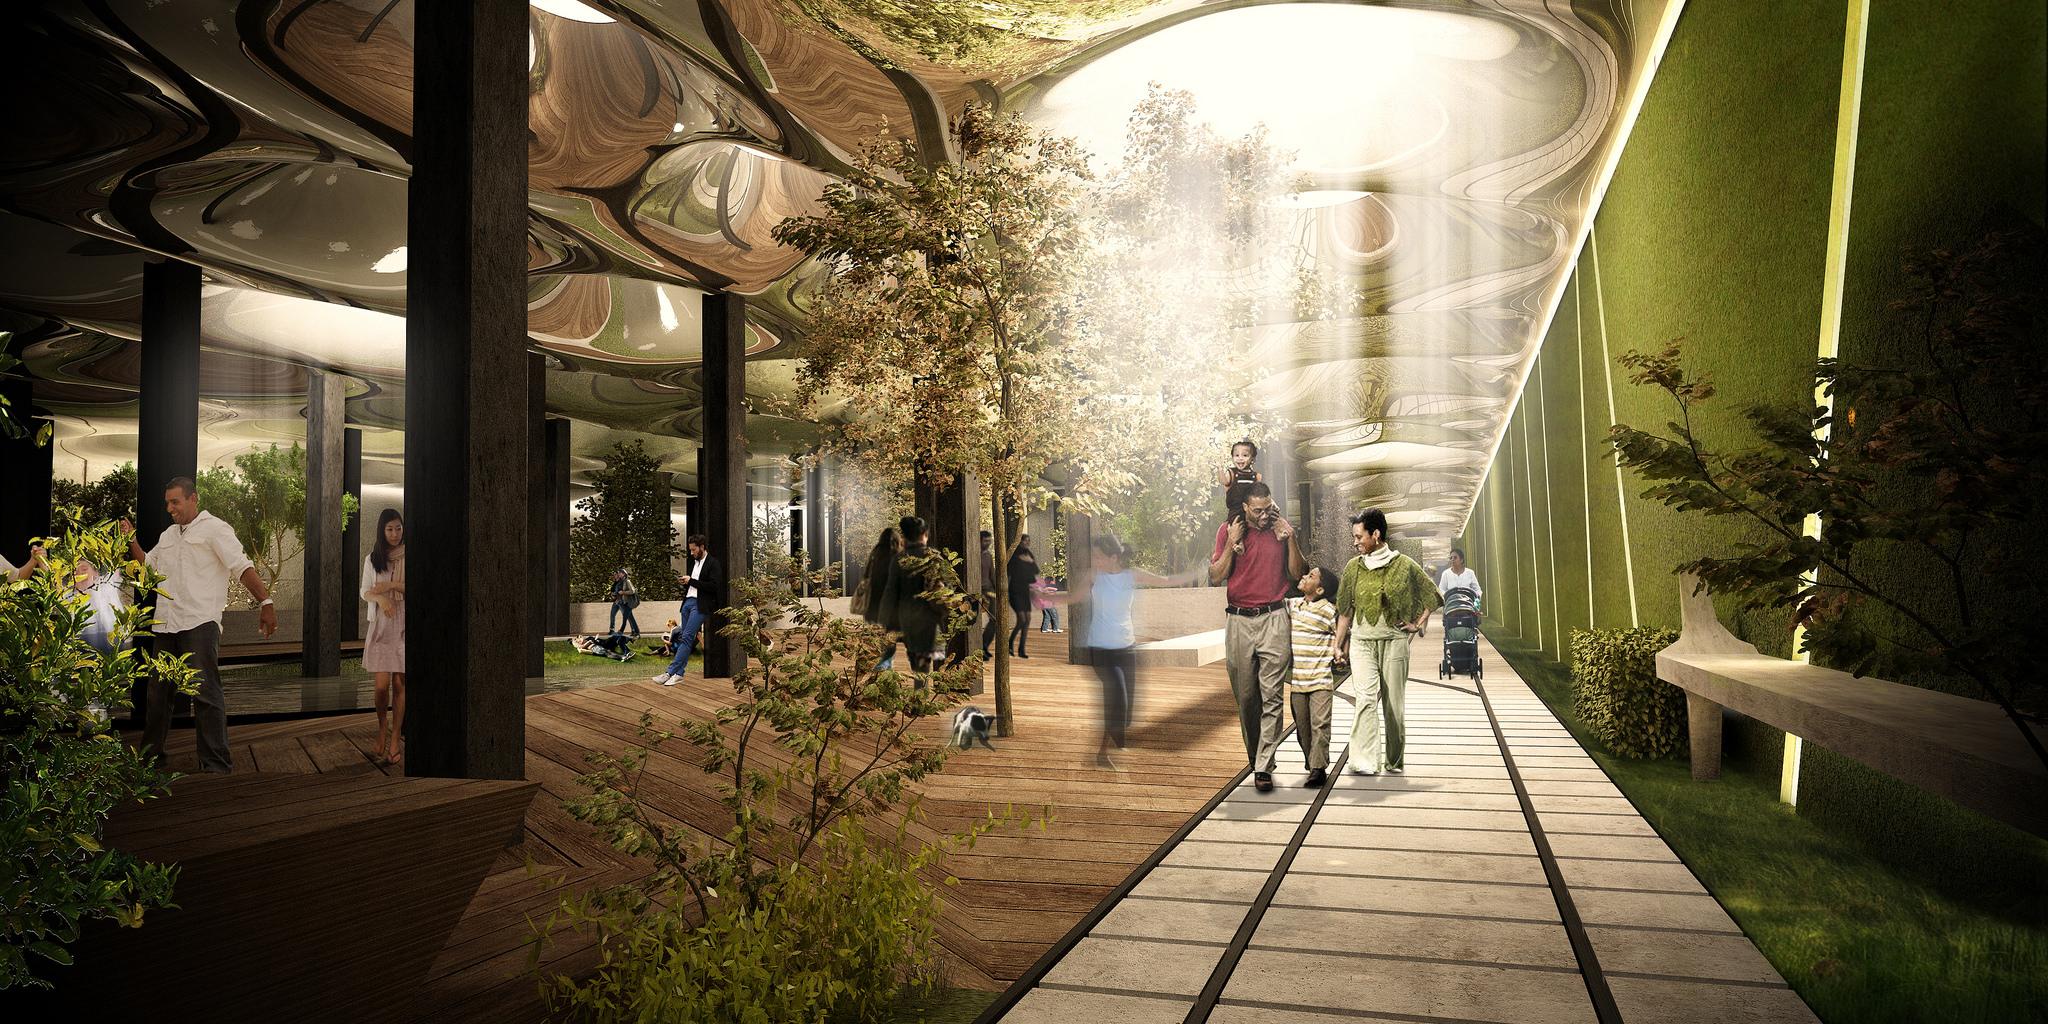 Presentan innovador proyecto urbano subterráneo para Nueva York